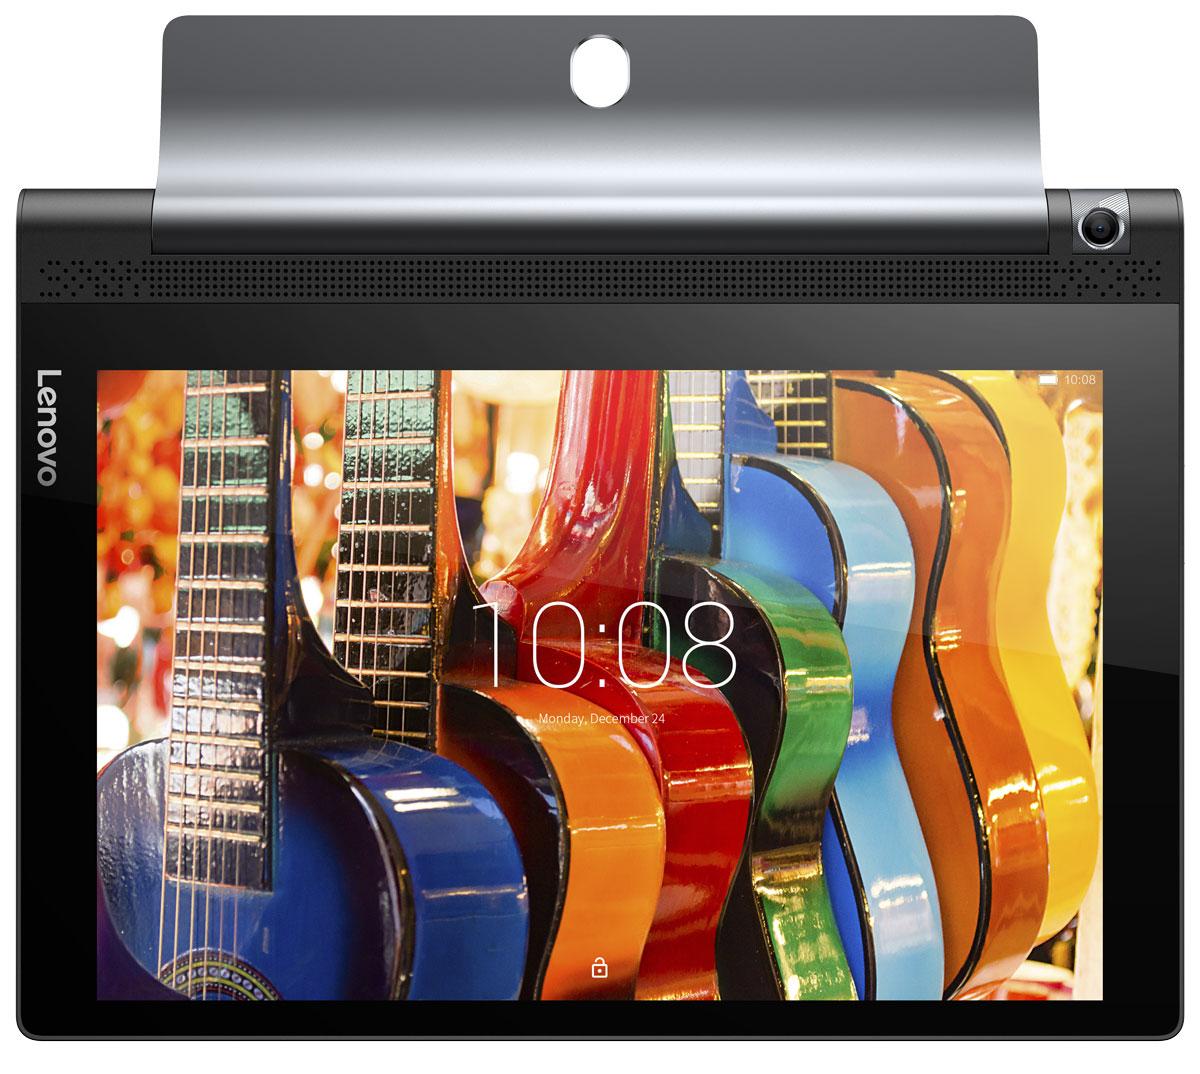 Lenovo Yoga Tab 3 10 (YT3-X50M), BlackZA0K0021RUПросматривайте рецепты, когда готовите, проверяйте новости в социальных сетях во время обеда и смотрите фильмы во время тренировок. В инновационной конструкции планшета Lenovo Yoga Tab 3 цилиндрический аккумуляторный блок и подставка расположены сбоку устройства, благодаря чему центр тяжести смещен и устройство можно использовать в различных режимах: книга, клавиатура, консоль и картина. HD-разрешение экрана планшета Lenovo Yoga Tab 3 превращает его в идеального помощника для игр и веб- серфинга. Невероятная яркость обеспечивает отличное качество изображения под любым углом просмотра и при любом освещении. Изображение в играх четкое, а видео просто приятно смотреть. Lenovo Yoga Tab 3 обеспечивает насыщенный объемный звук уровня домашнего кинотеатра, которым не может похвастаться ни один планшет. Два встроенных фронтальных динамика дарят мощное объемное звучание благодаря поддержке технологии Dolby Atmos. Громкий, чистый и живой звук — даже без...